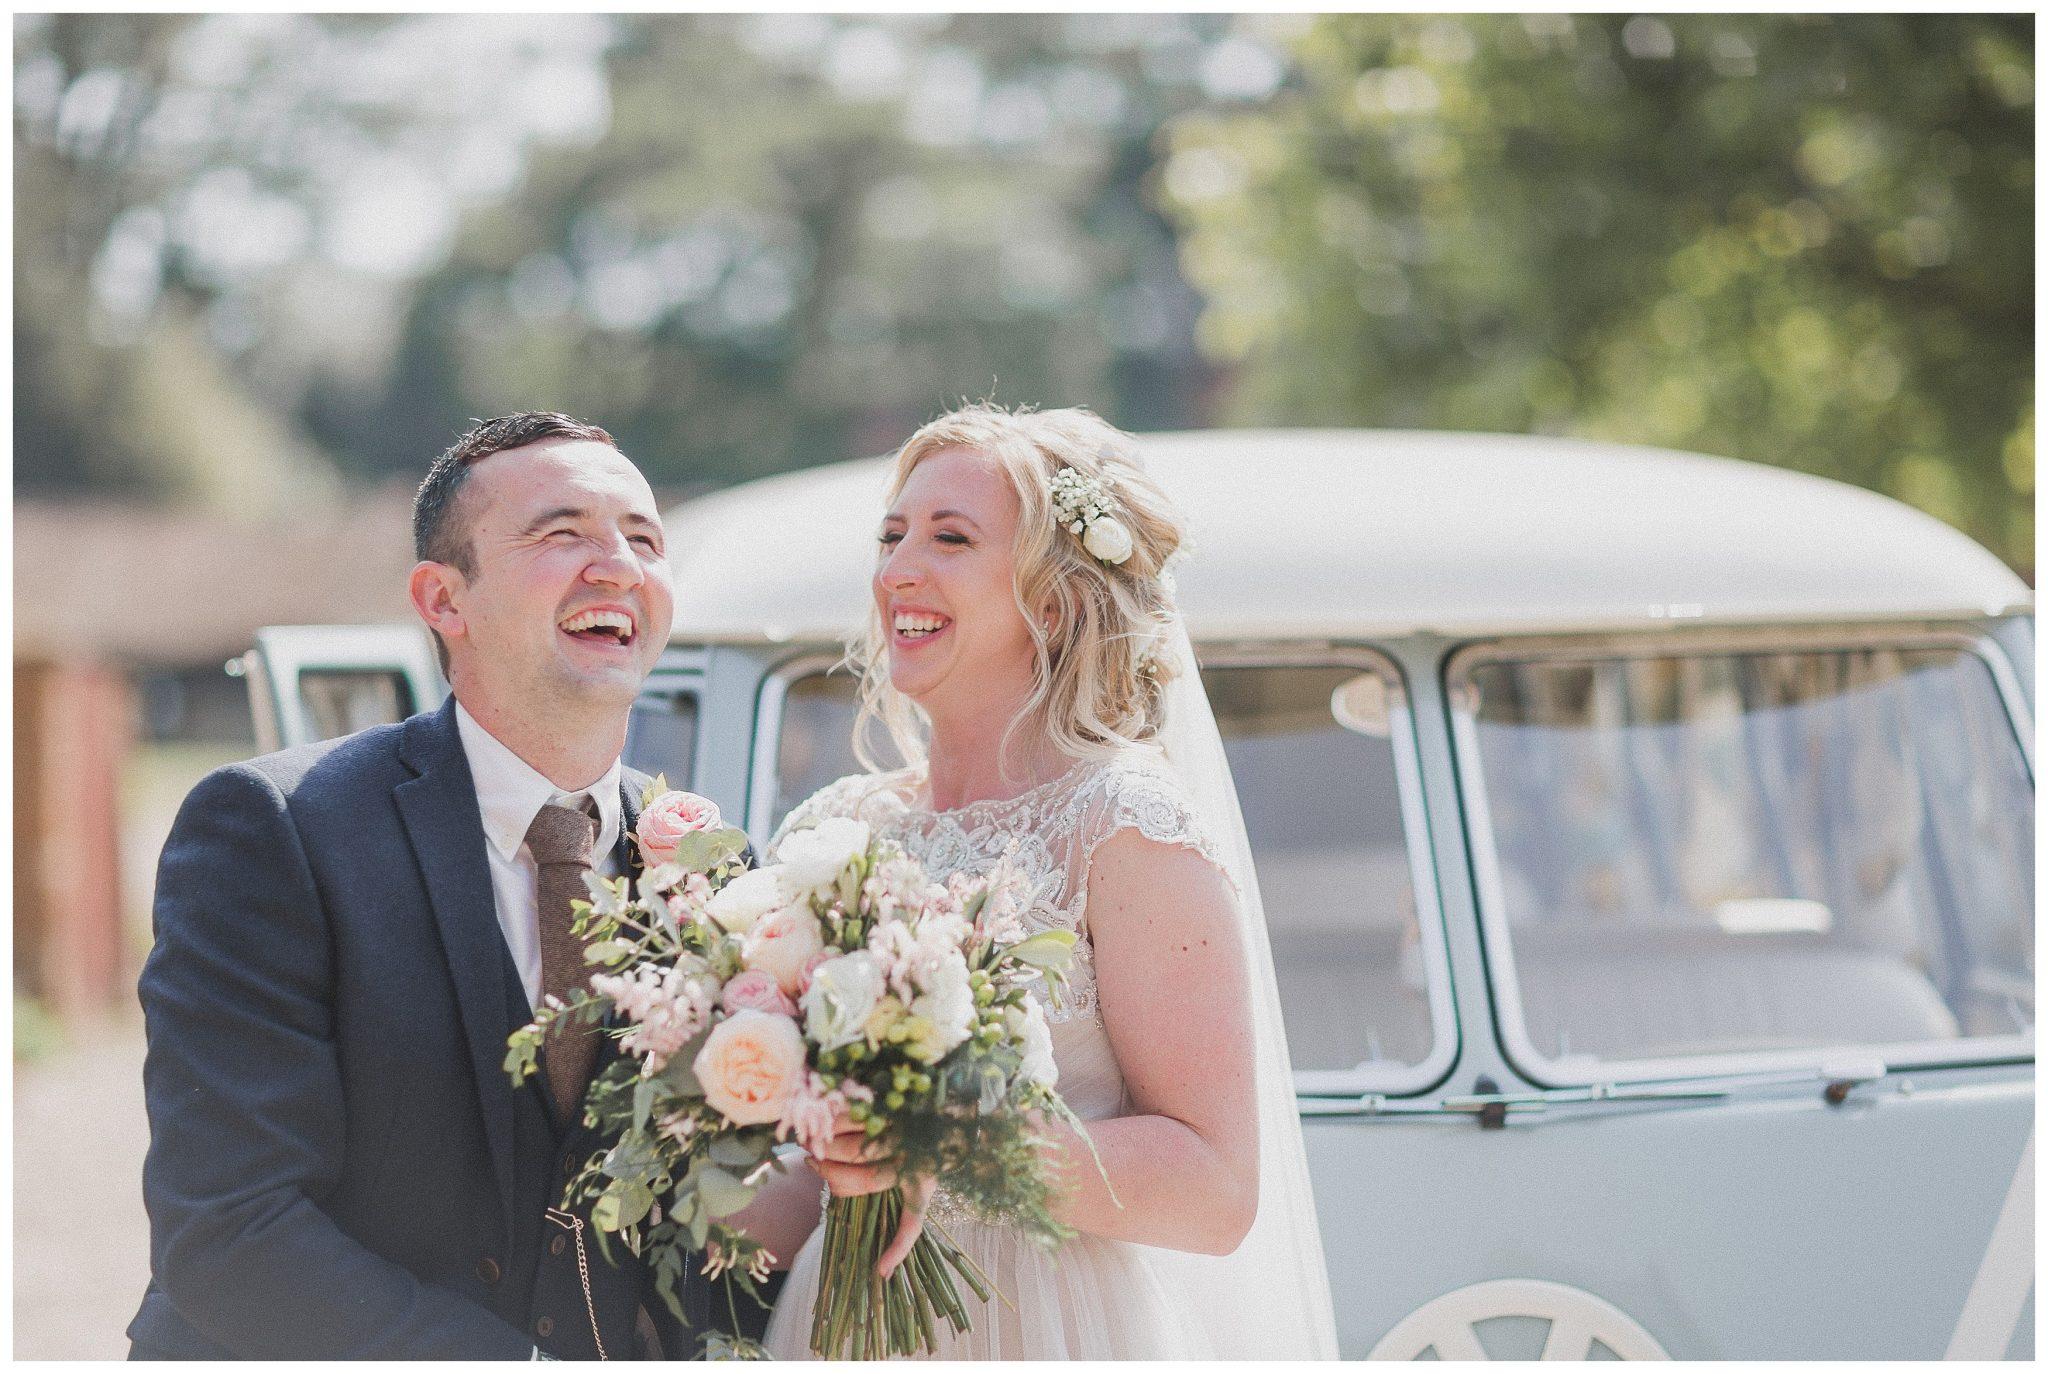 Bride and groom laughing by their VW van.